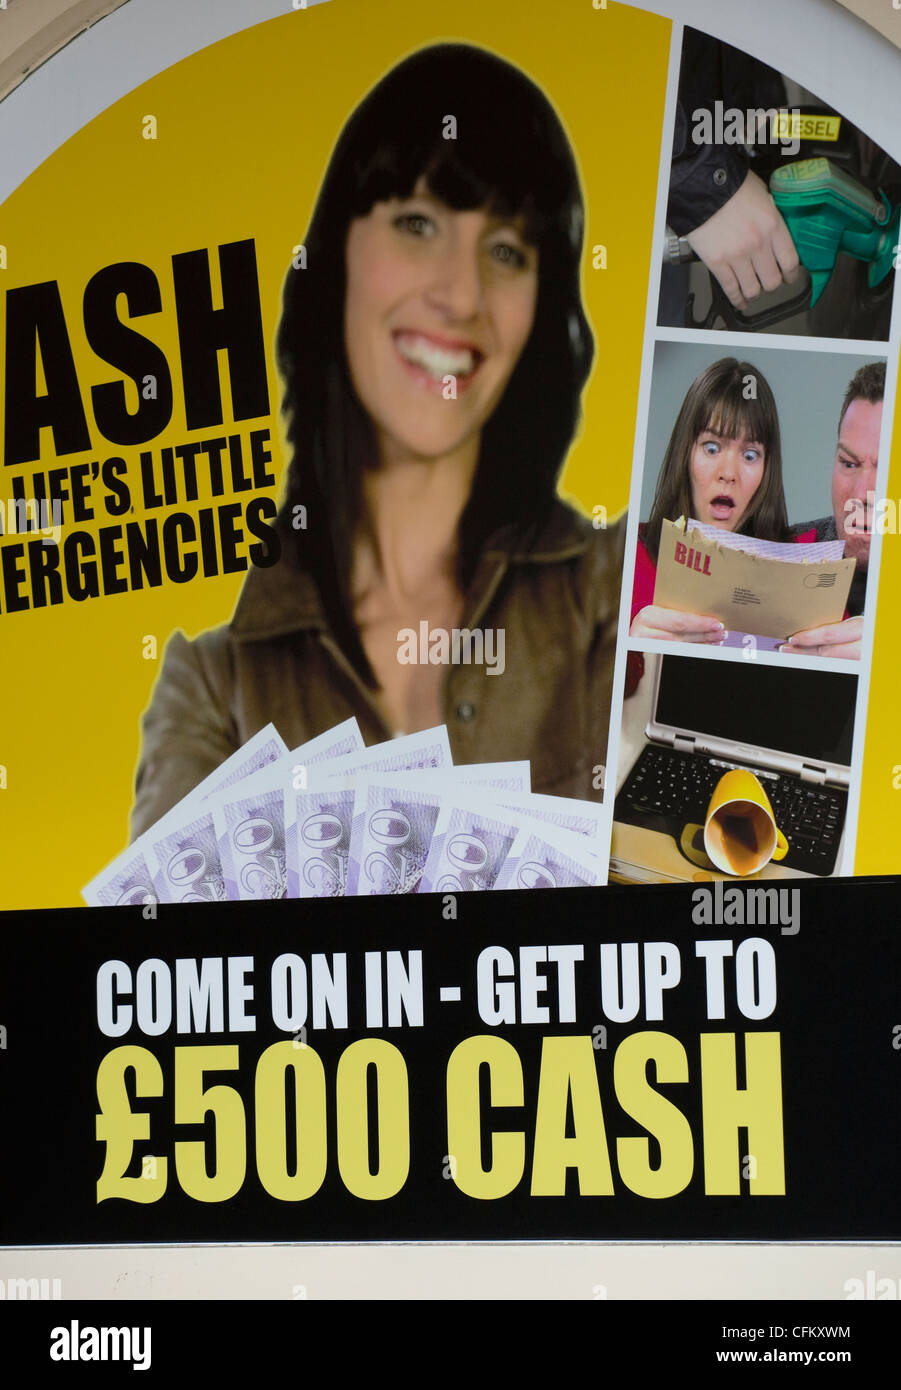 Cash loan money centre hervey bay image 1